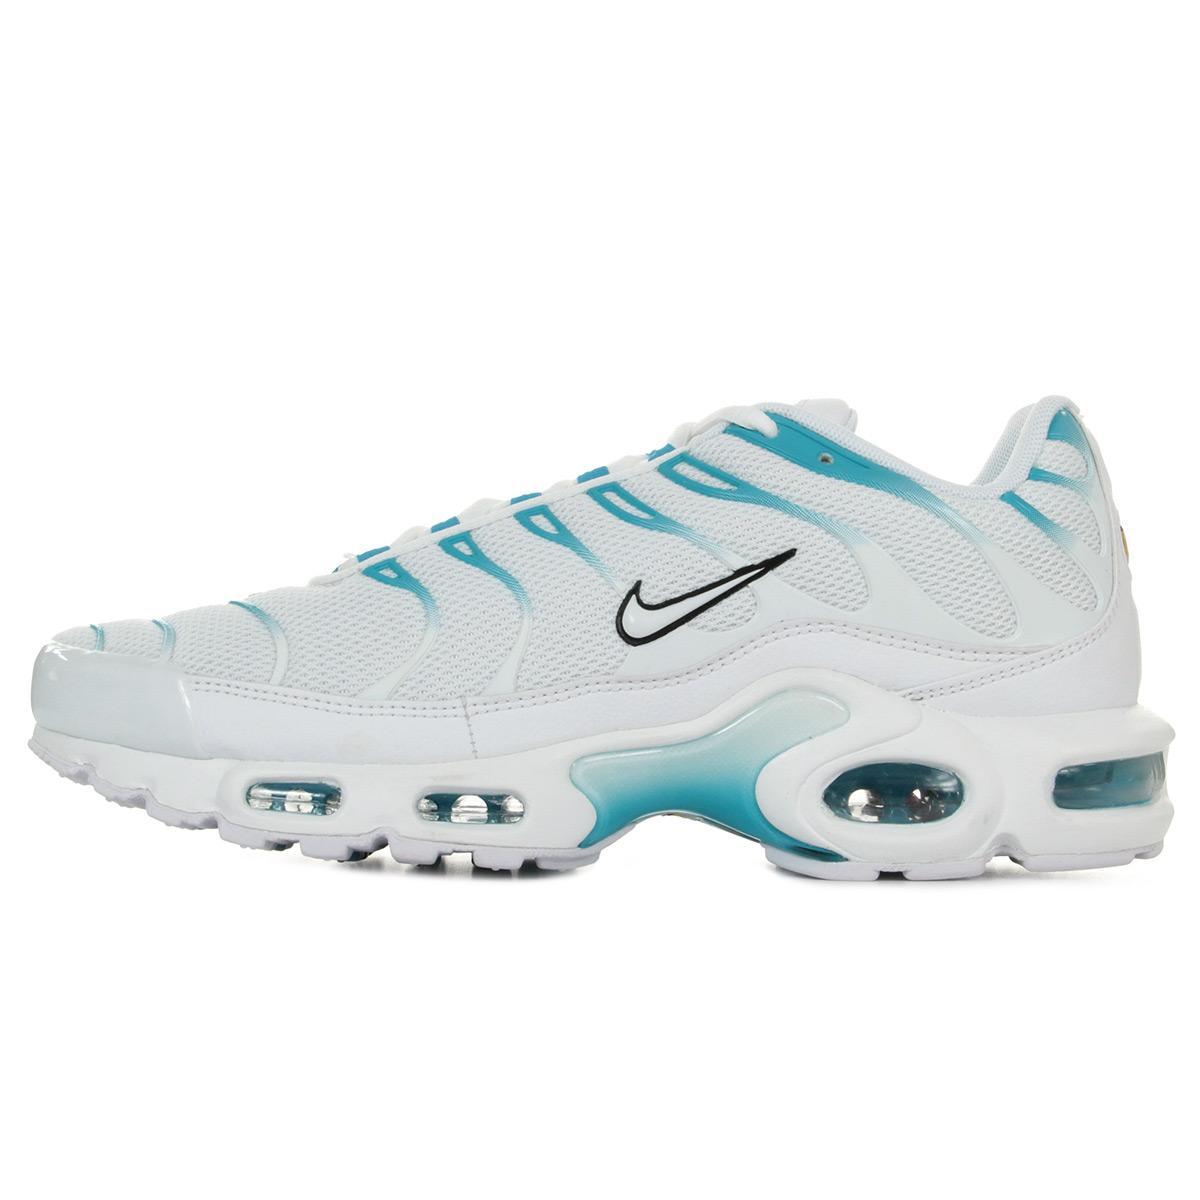 Nike Air max plus; Nike Air max plus ...